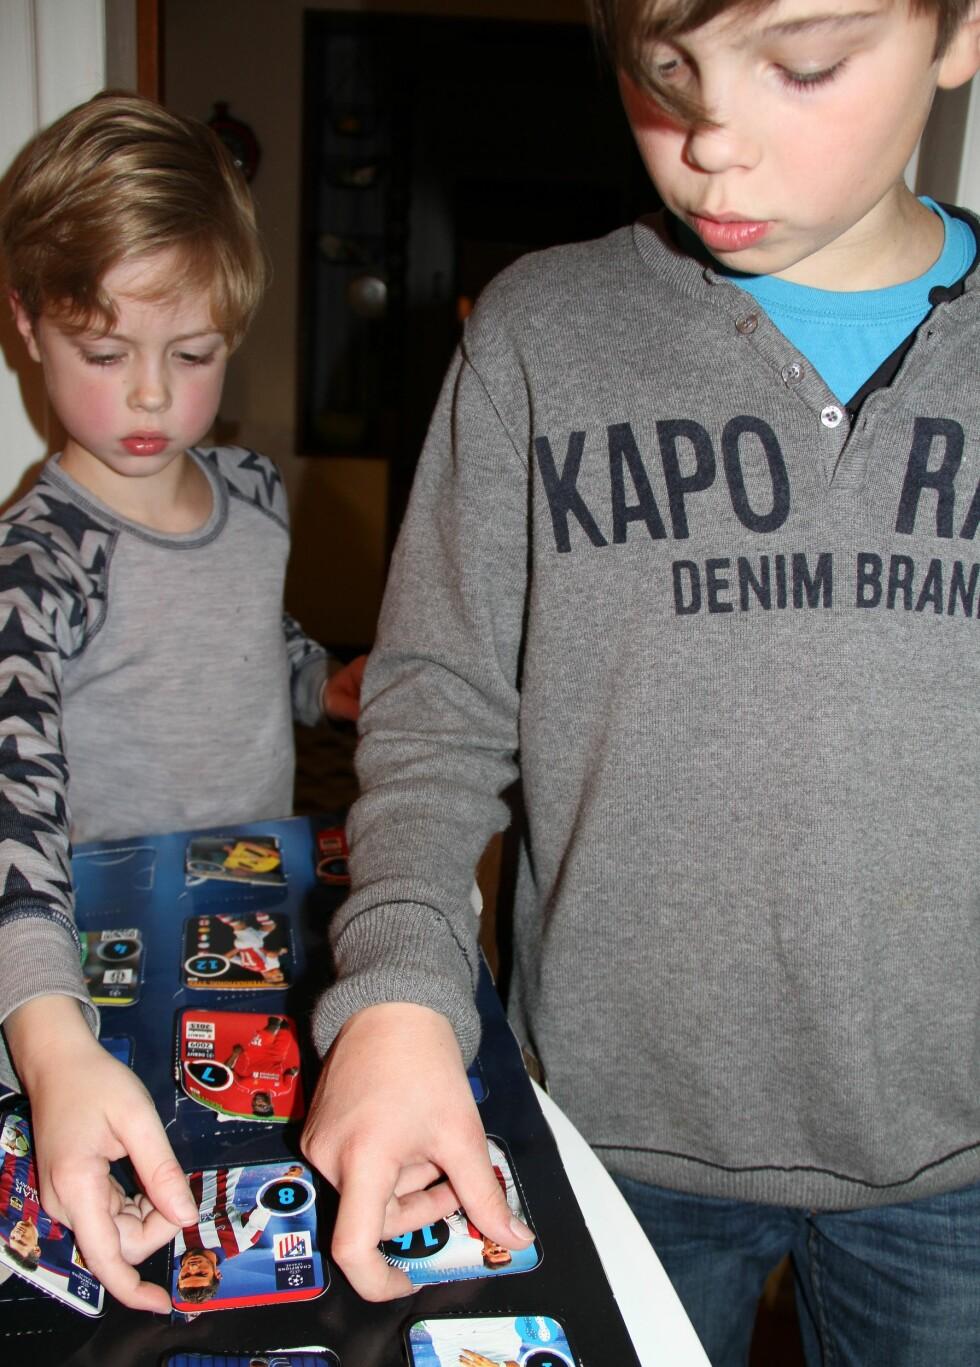 GODT MOTTATT: Julekalenderen med fotballkort falt godt i smak hos Jonah (6) og Isak (11). Foto: Privat